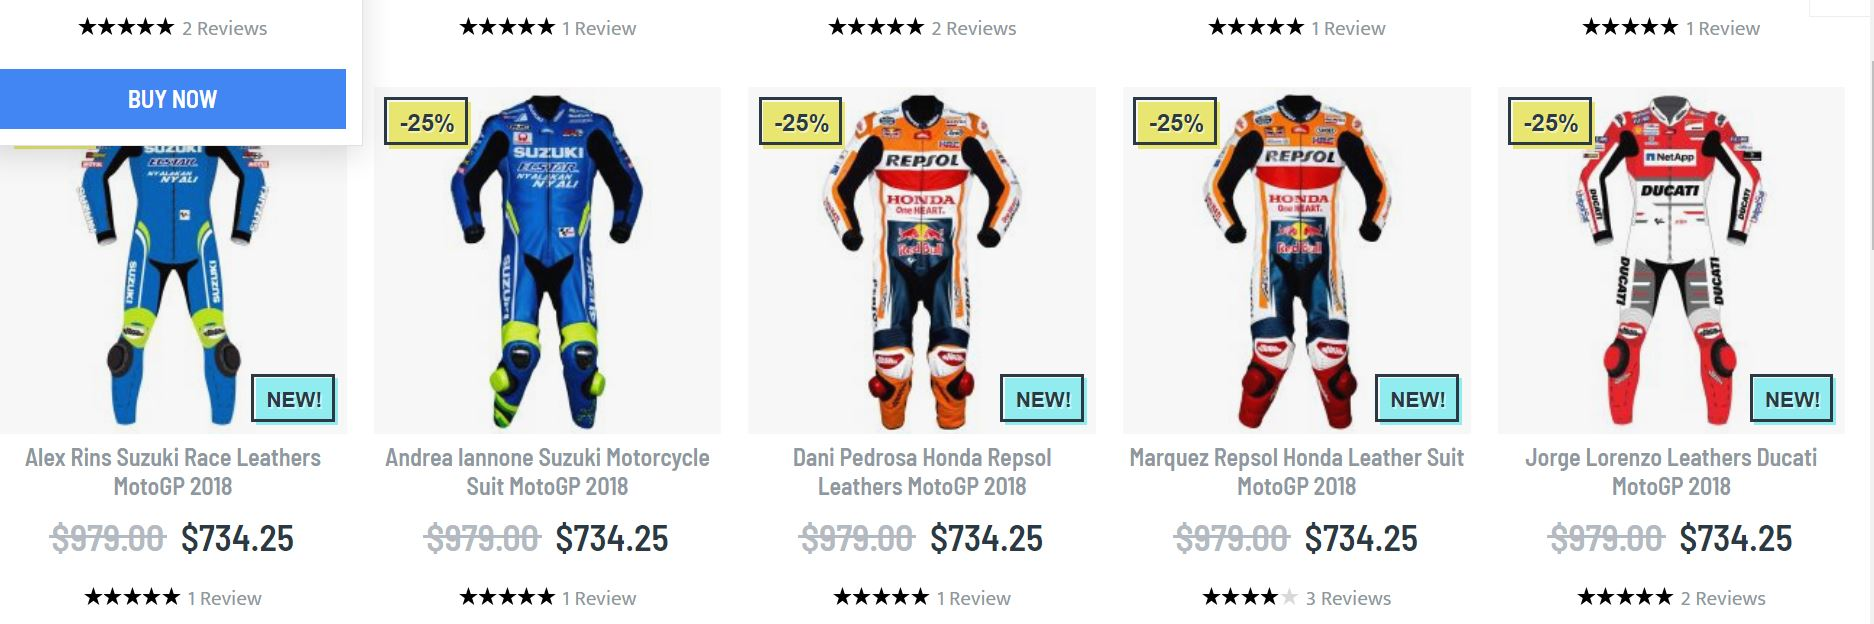 Racing suit motogp